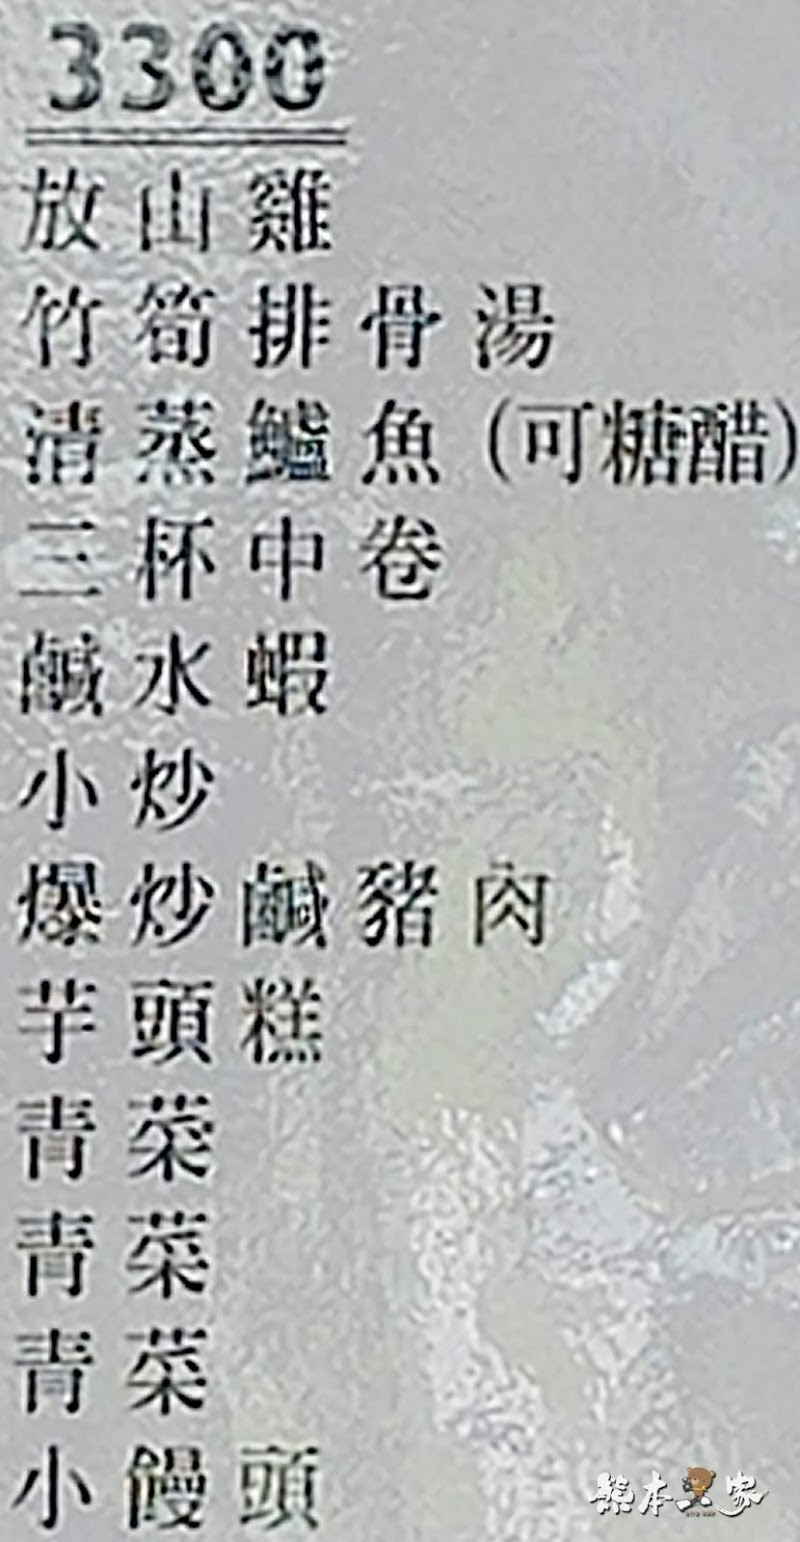 竹子湖炒青菜menu菜單|放大清晰版詳細分類資訊